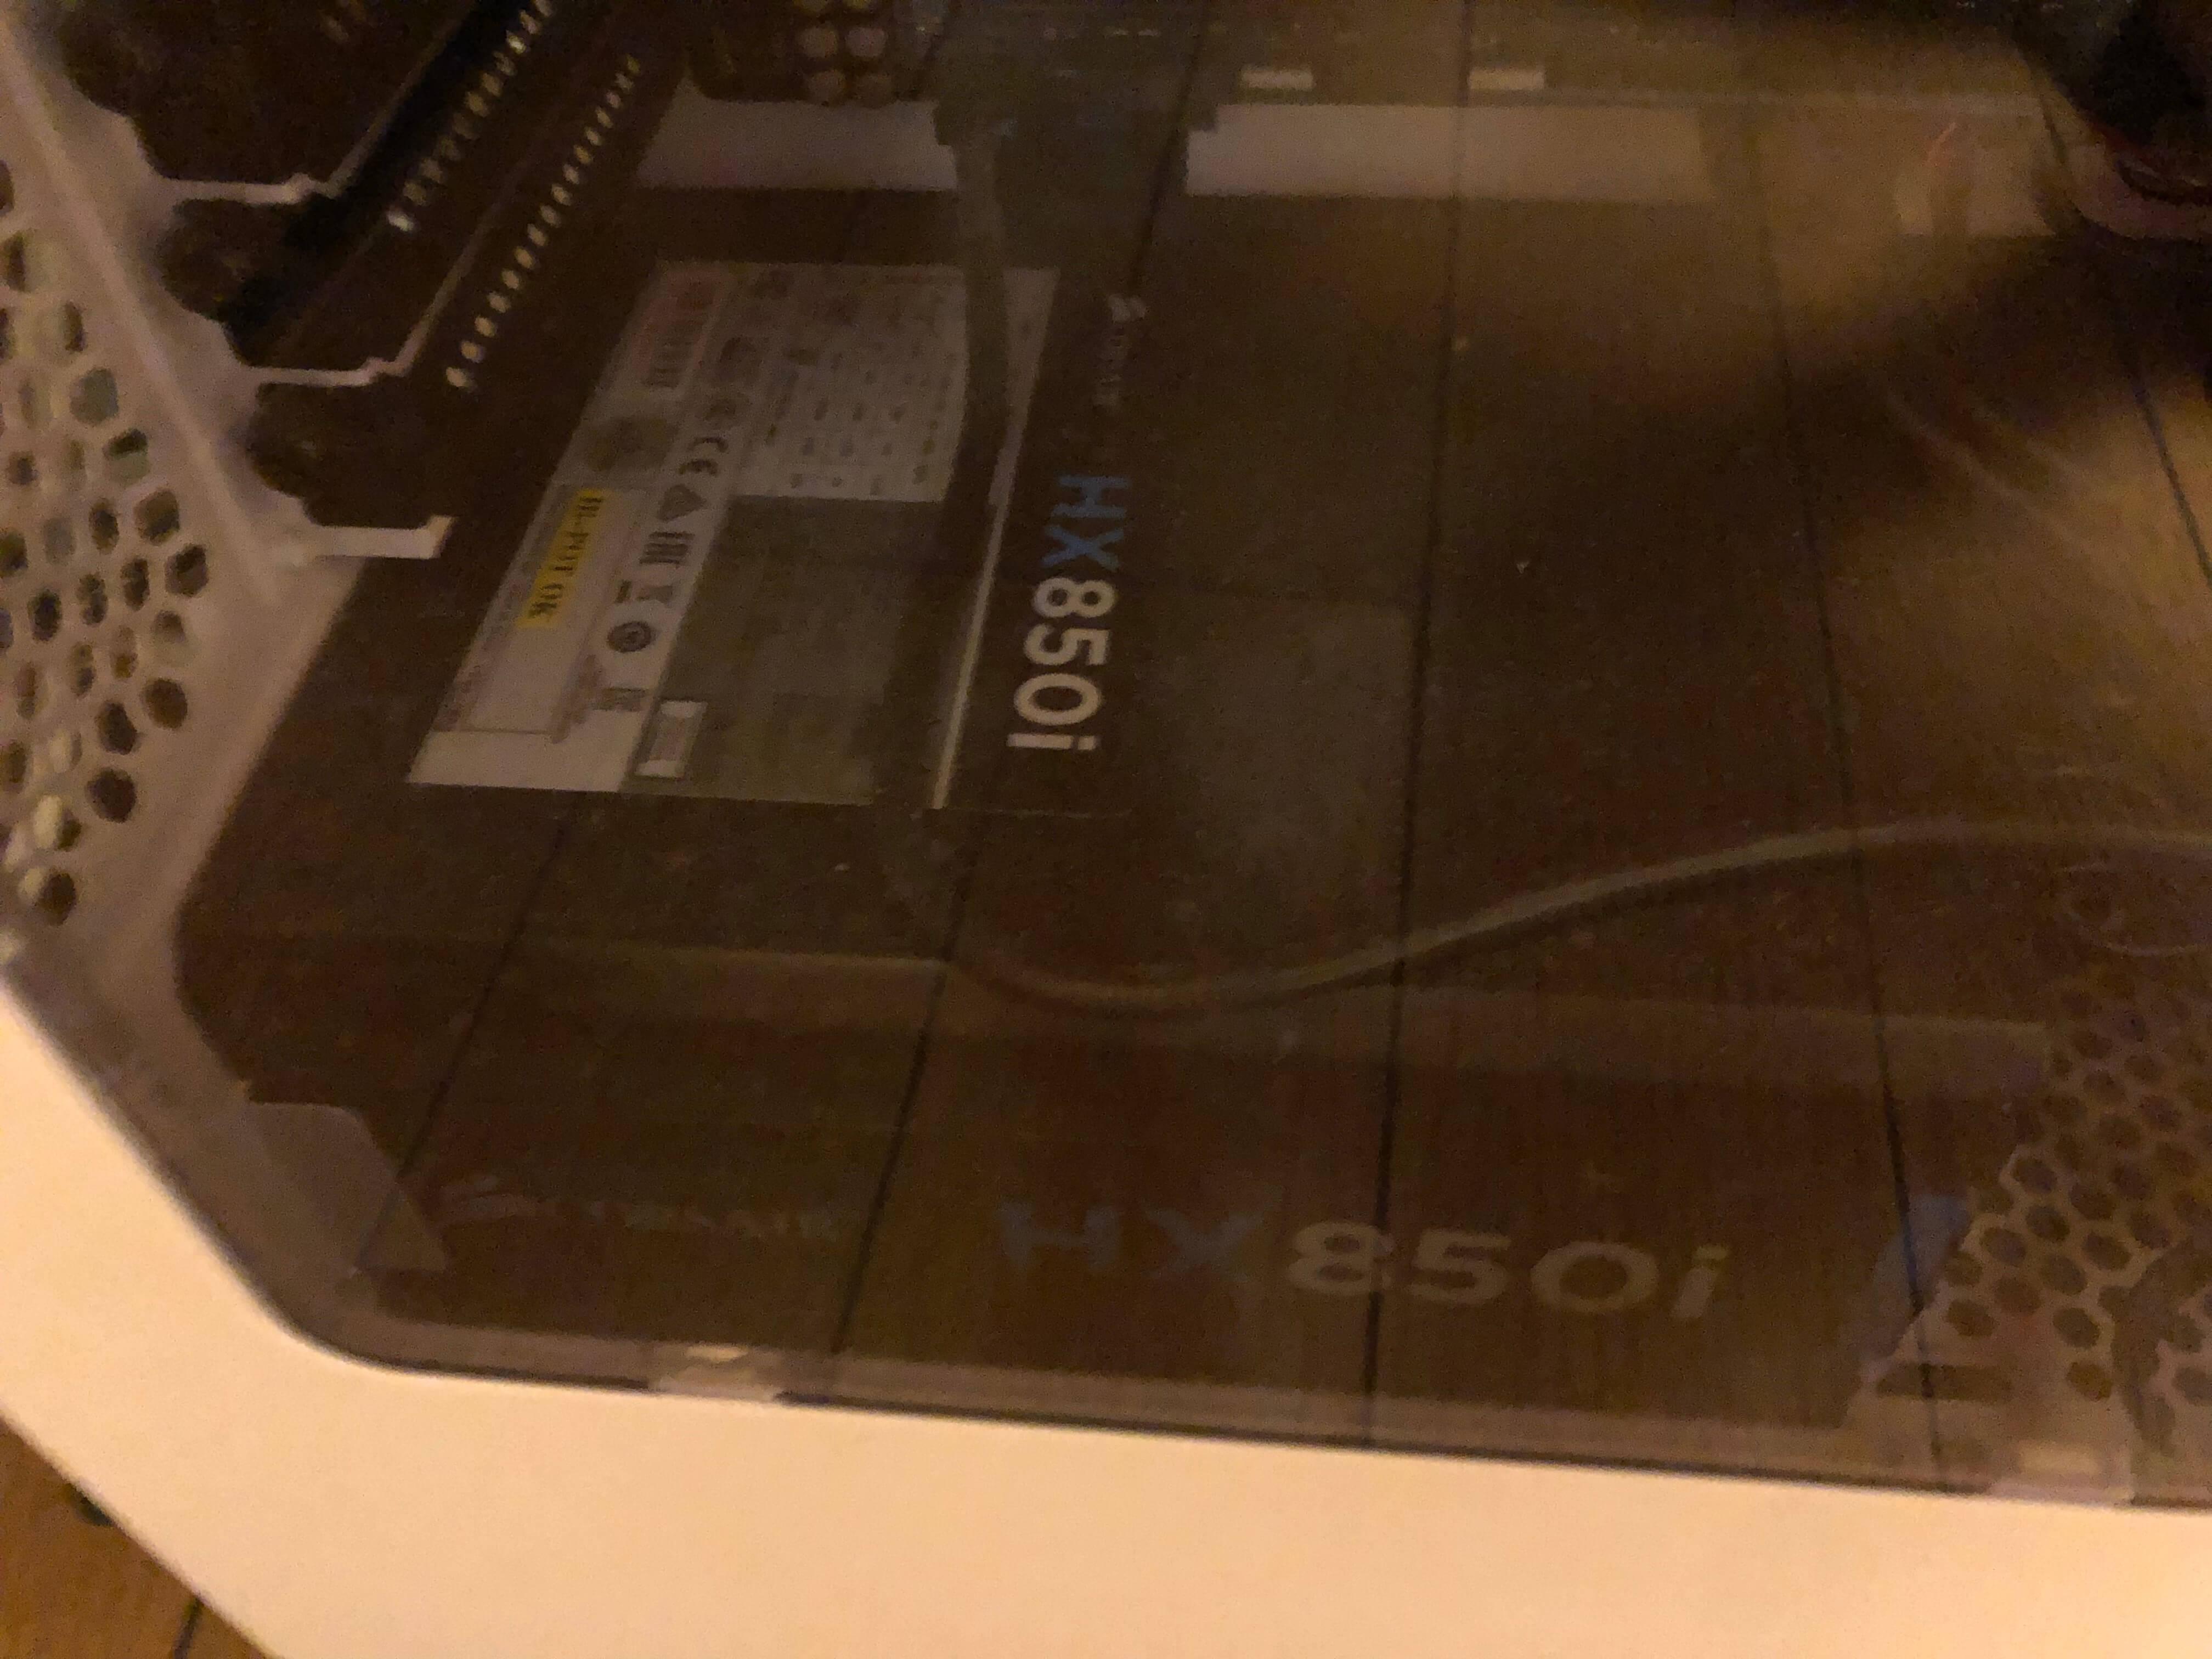 HX850i おすすめ 電源